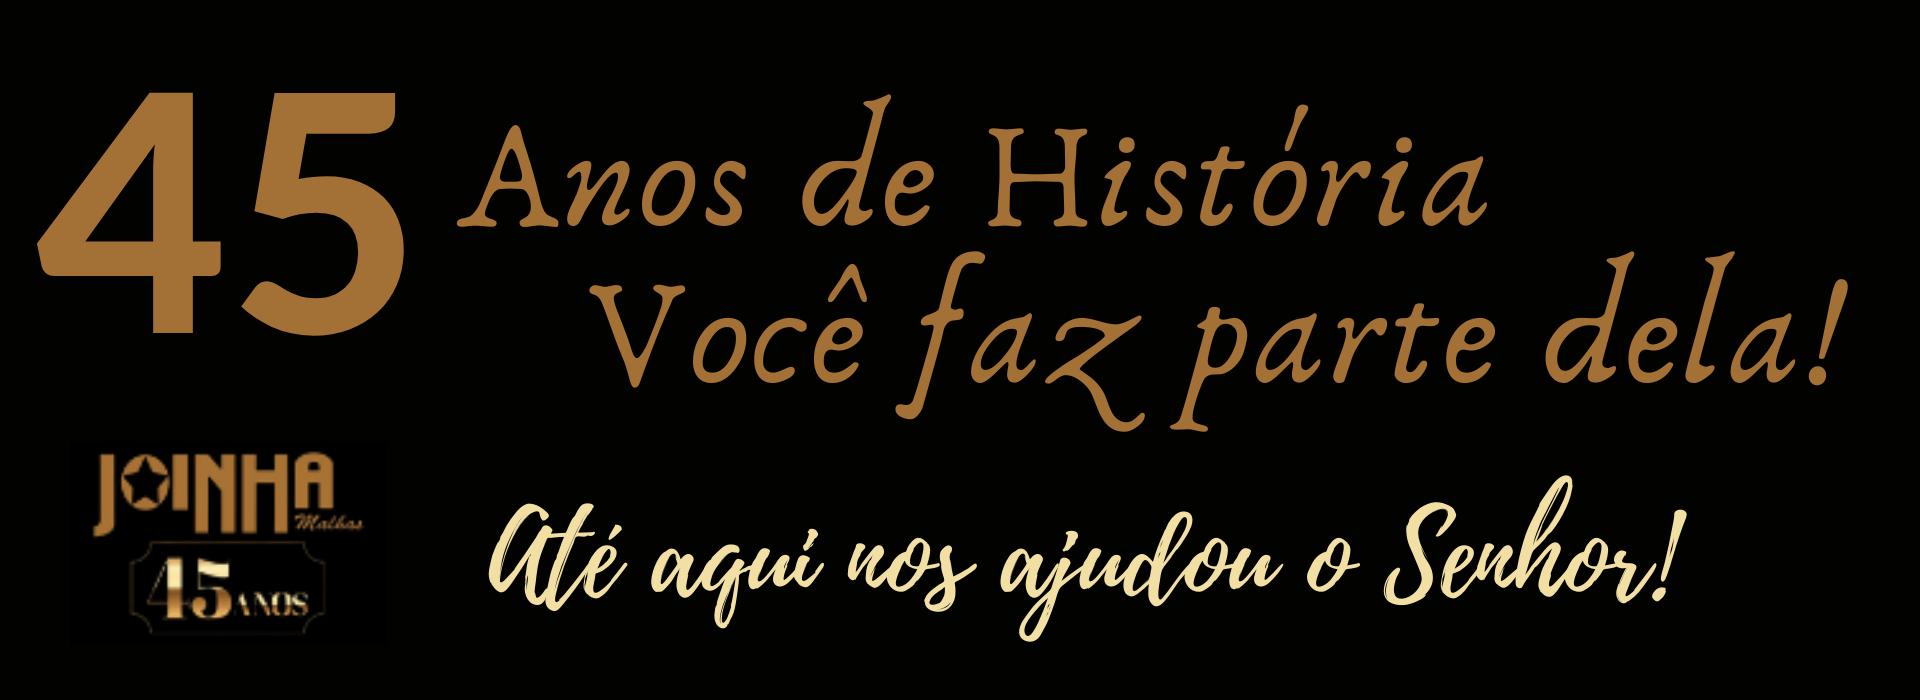 Banner Mensagem